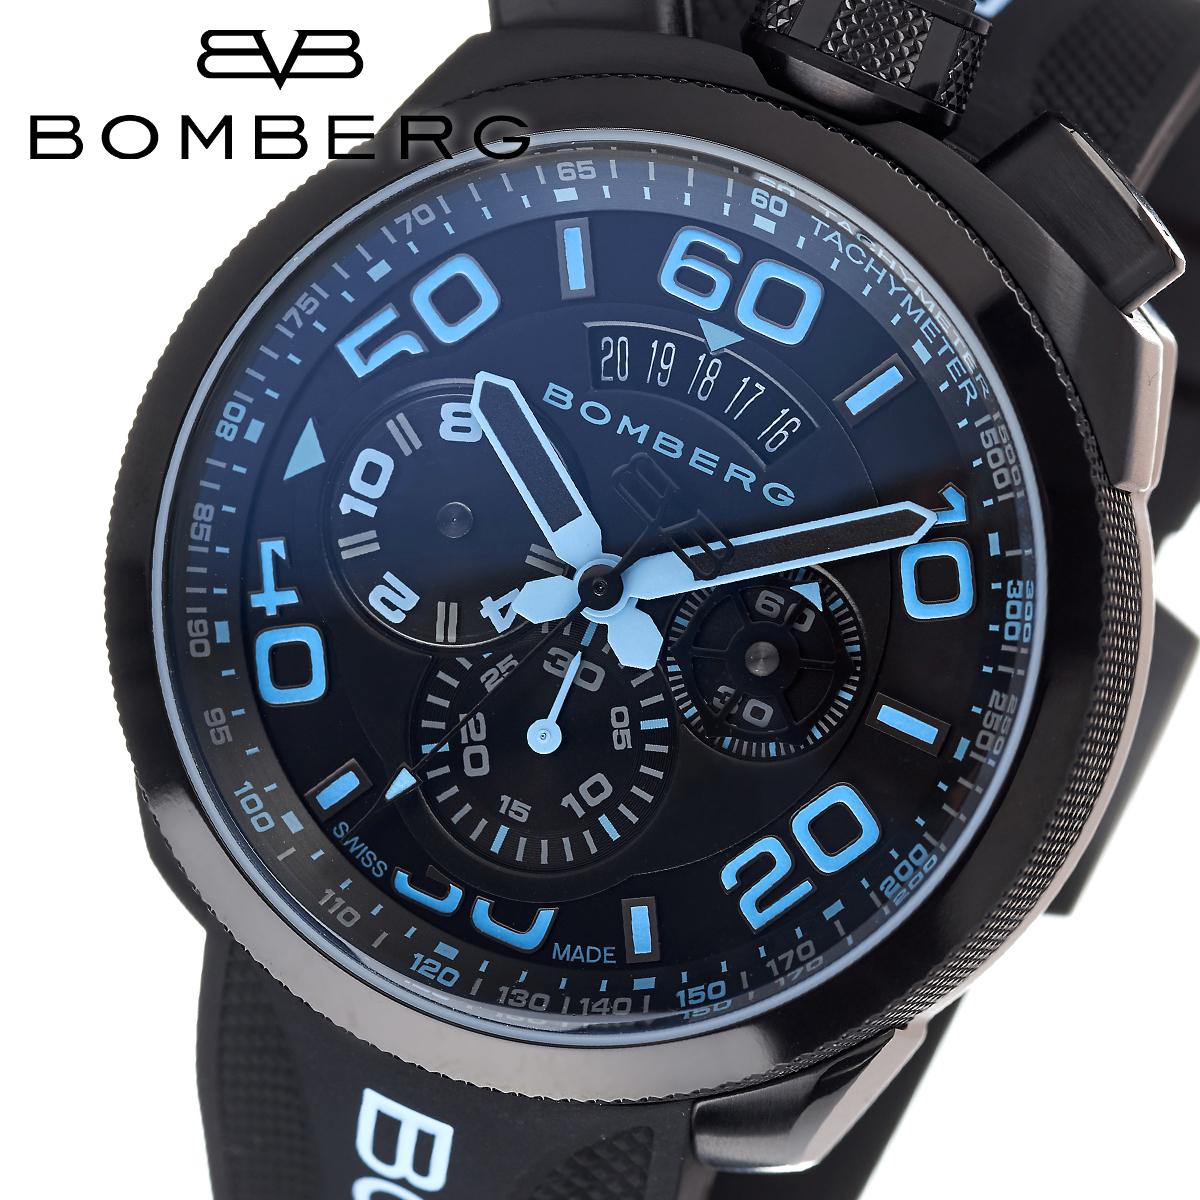 【全品送料無料】 ボンバーグ BOMBERG ボルト68 BOLT-68 BS45CHPBA.030.3 メンズ 時計 腕時計 クオーツ クロノグラフ